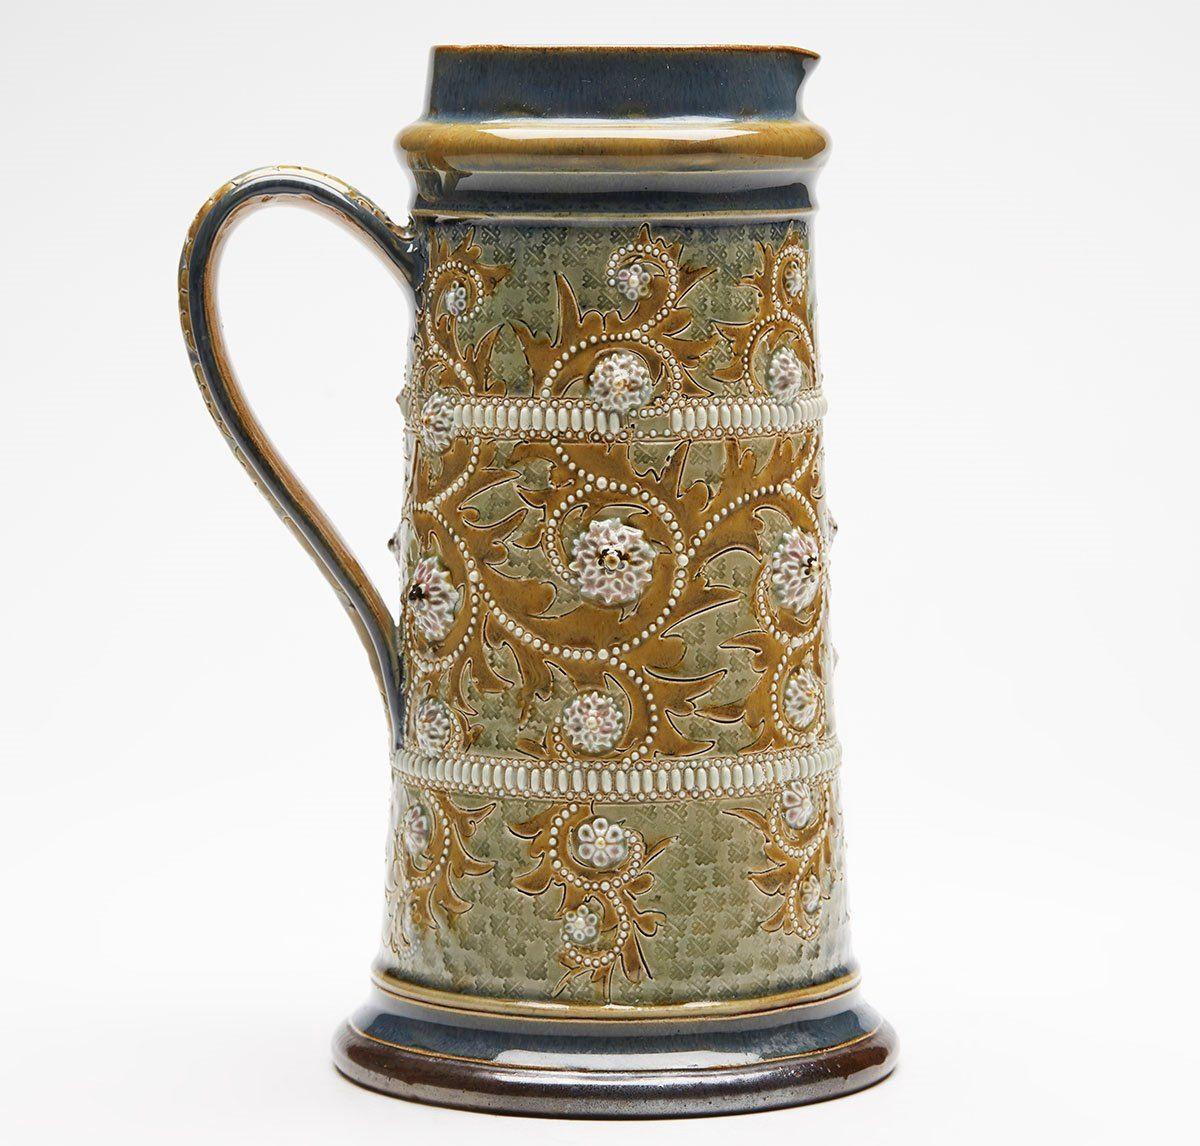 Doulton Lamberth jug by George Tinworth